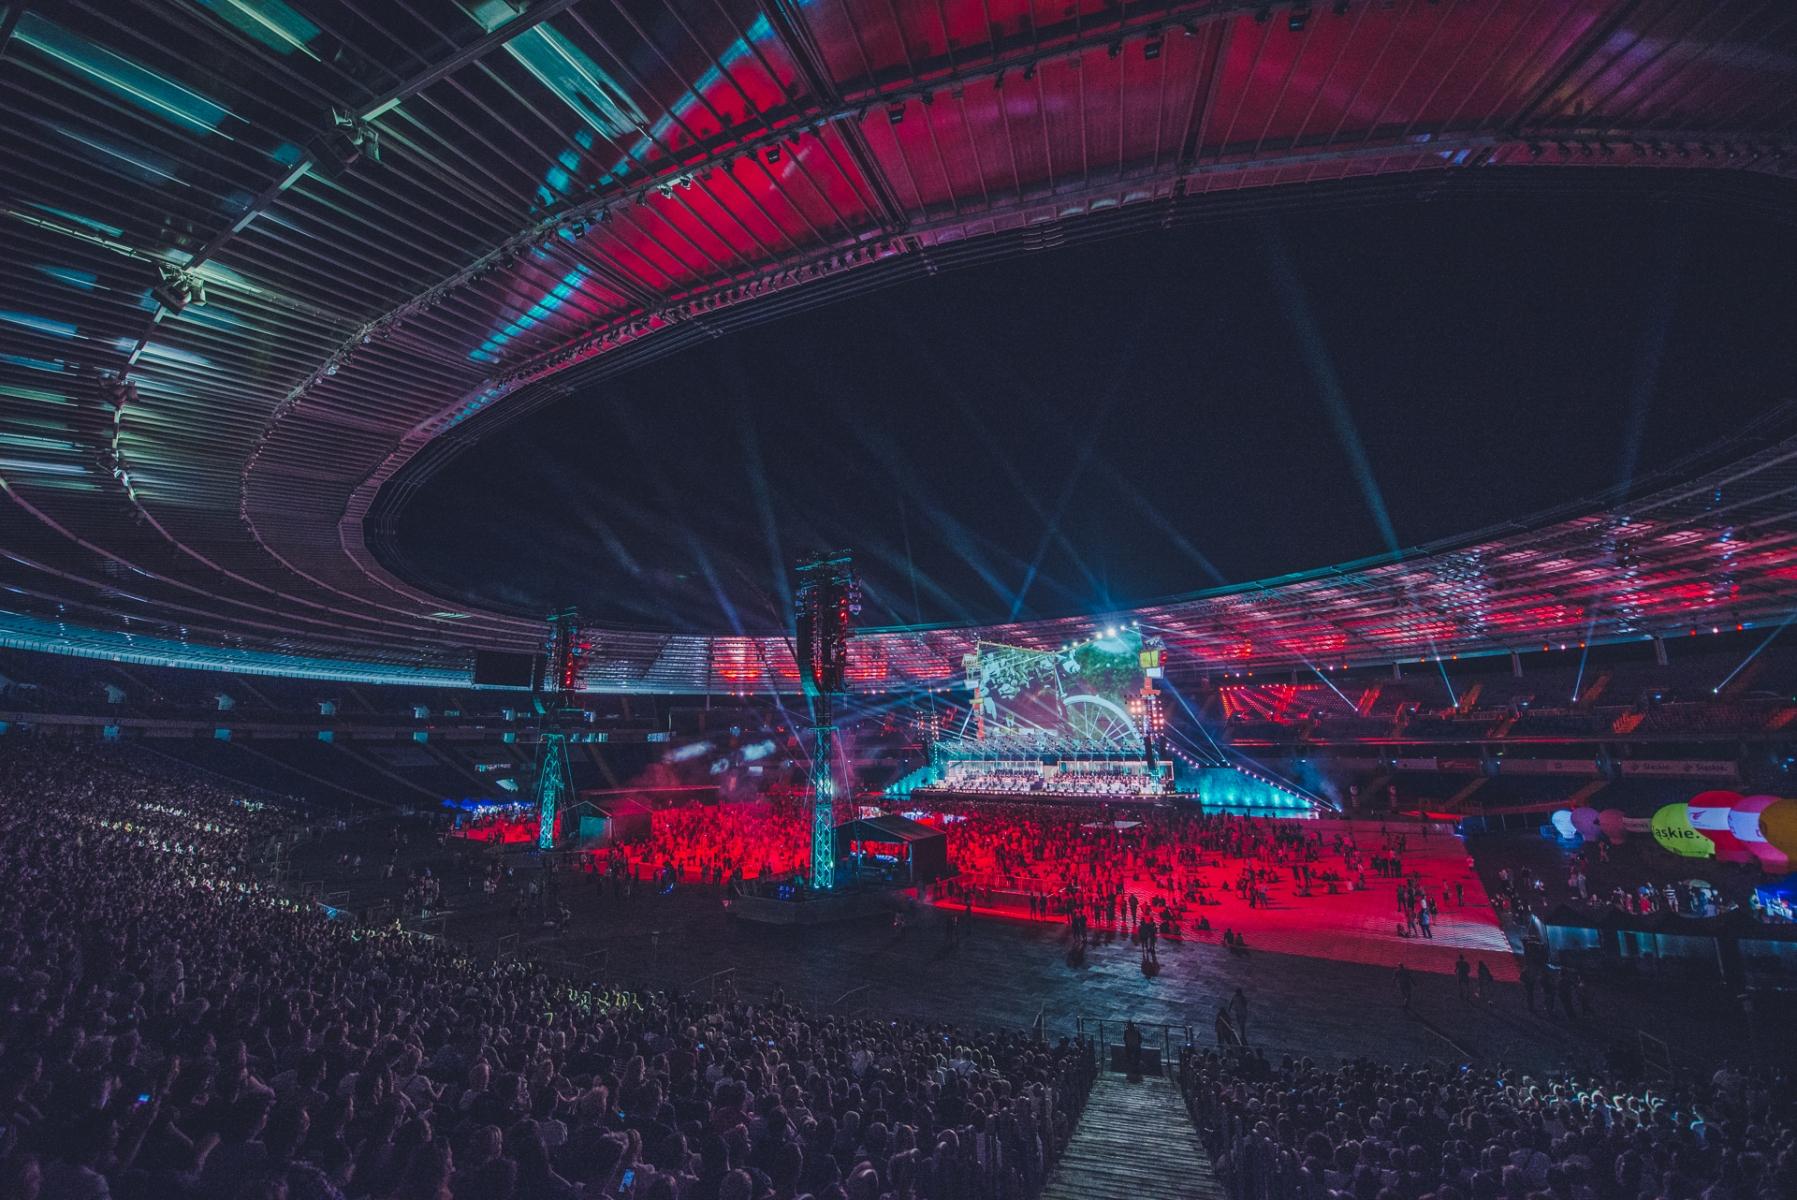 Publiczność zgromadzona na stadionie